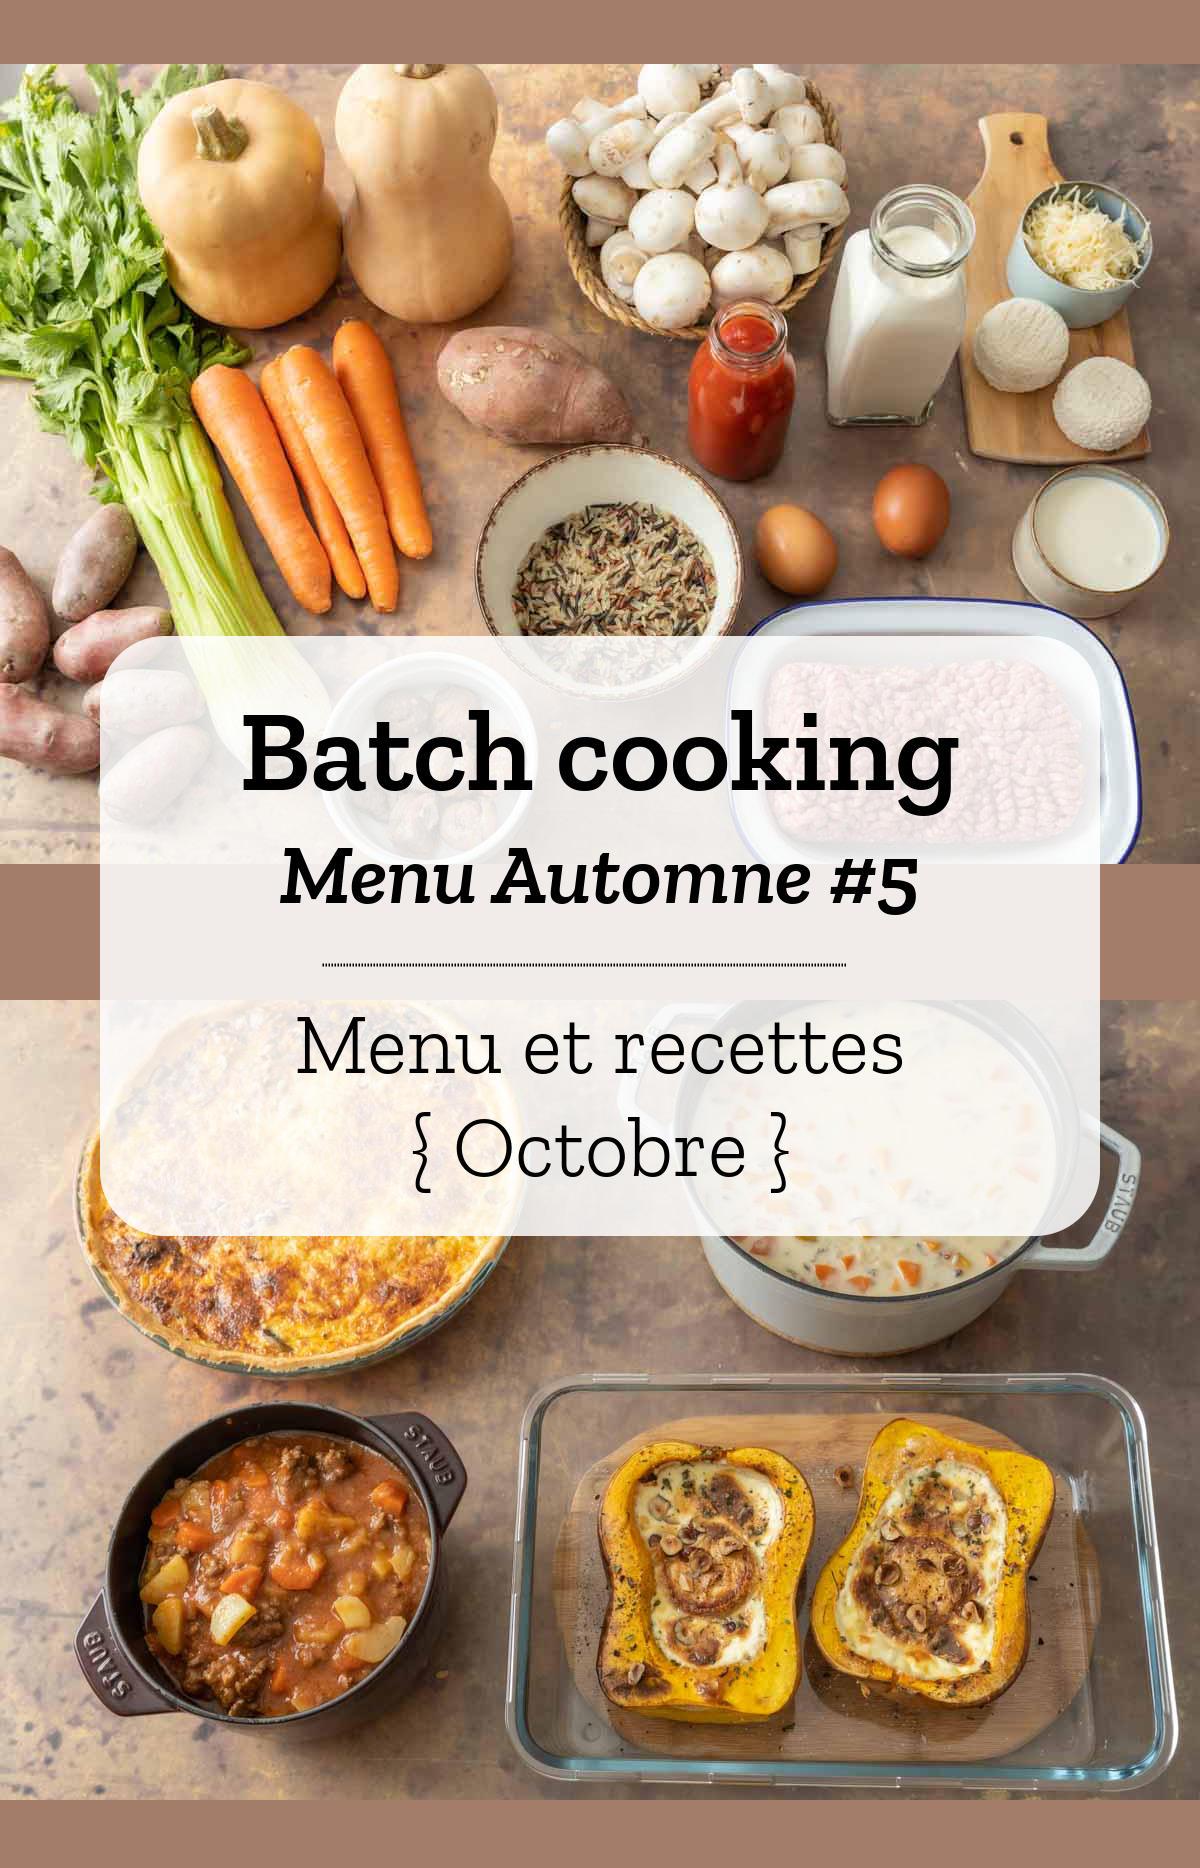 Batch cooking Automne #5 – Mois d'Octobre – Semaine 43